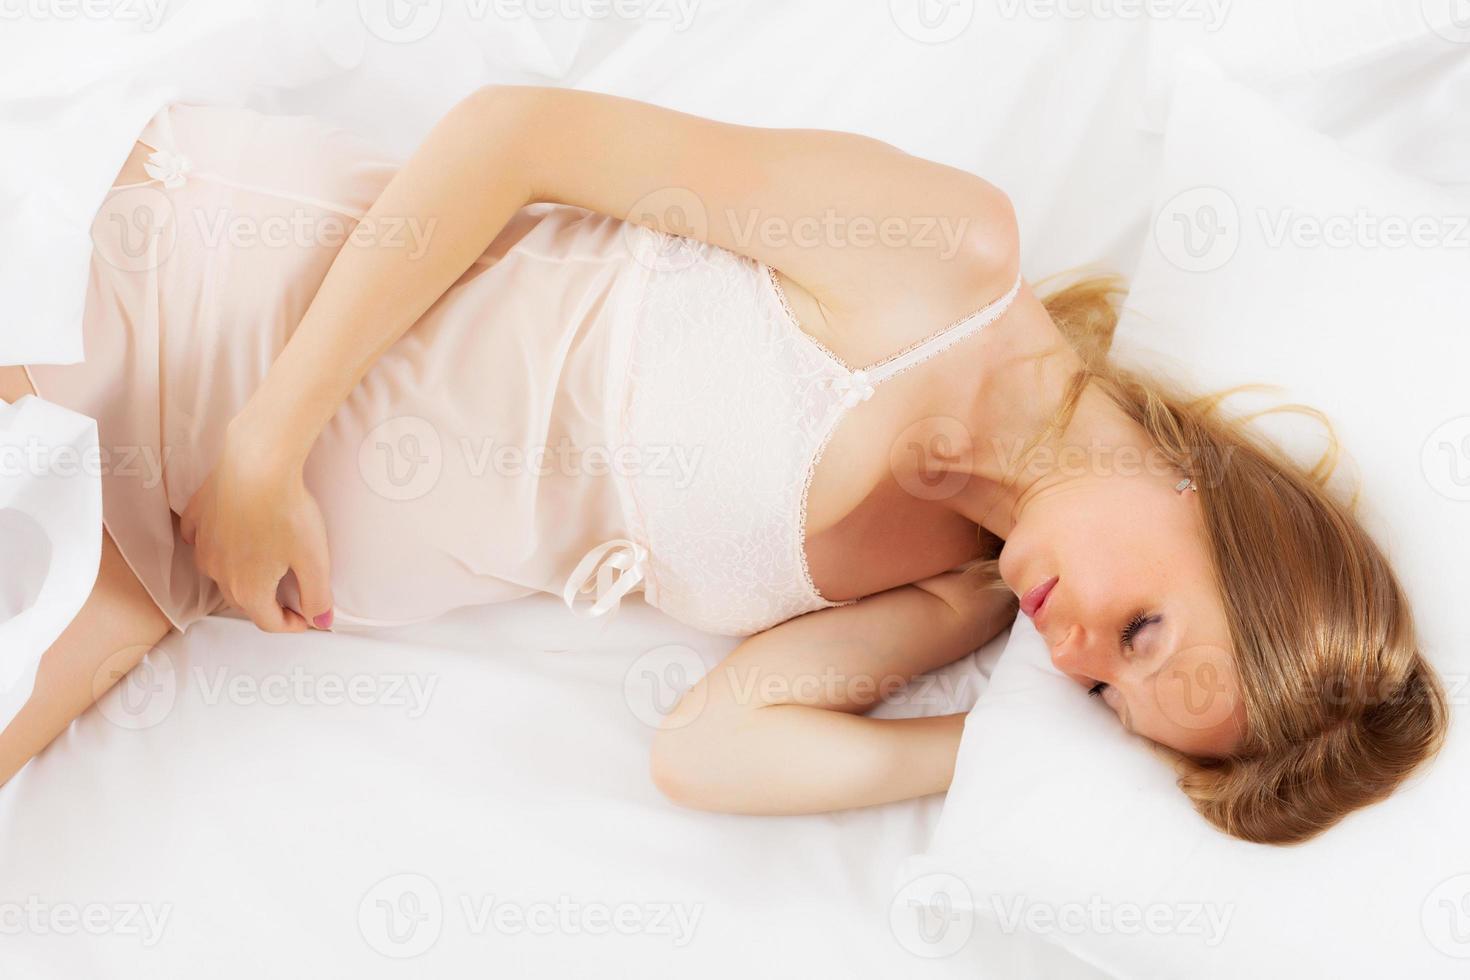 mulher grávida dormindo no lençol branco foto